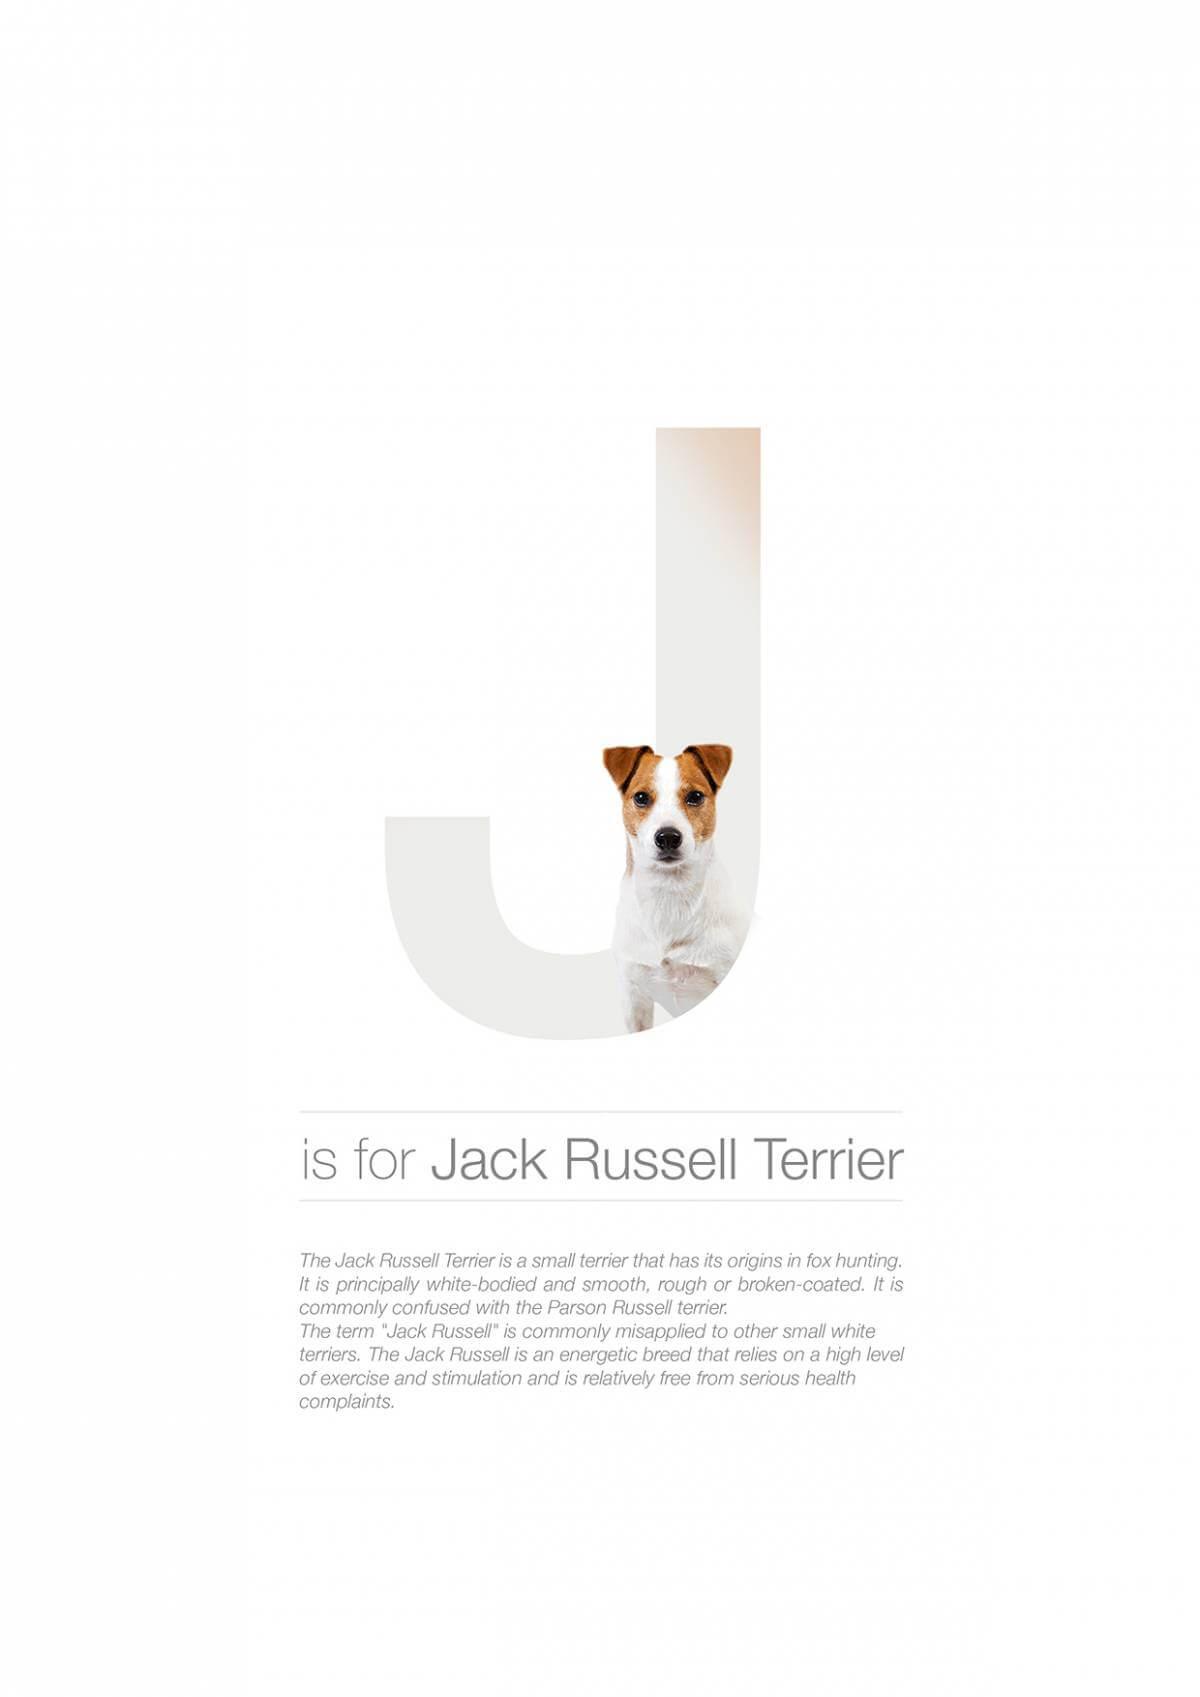 J ตัวอักษรกราฟฟิค A Z สายพันธุ์หมาไอเดียน่ารักจากดีไซน์เนอร์โรมาเนีย